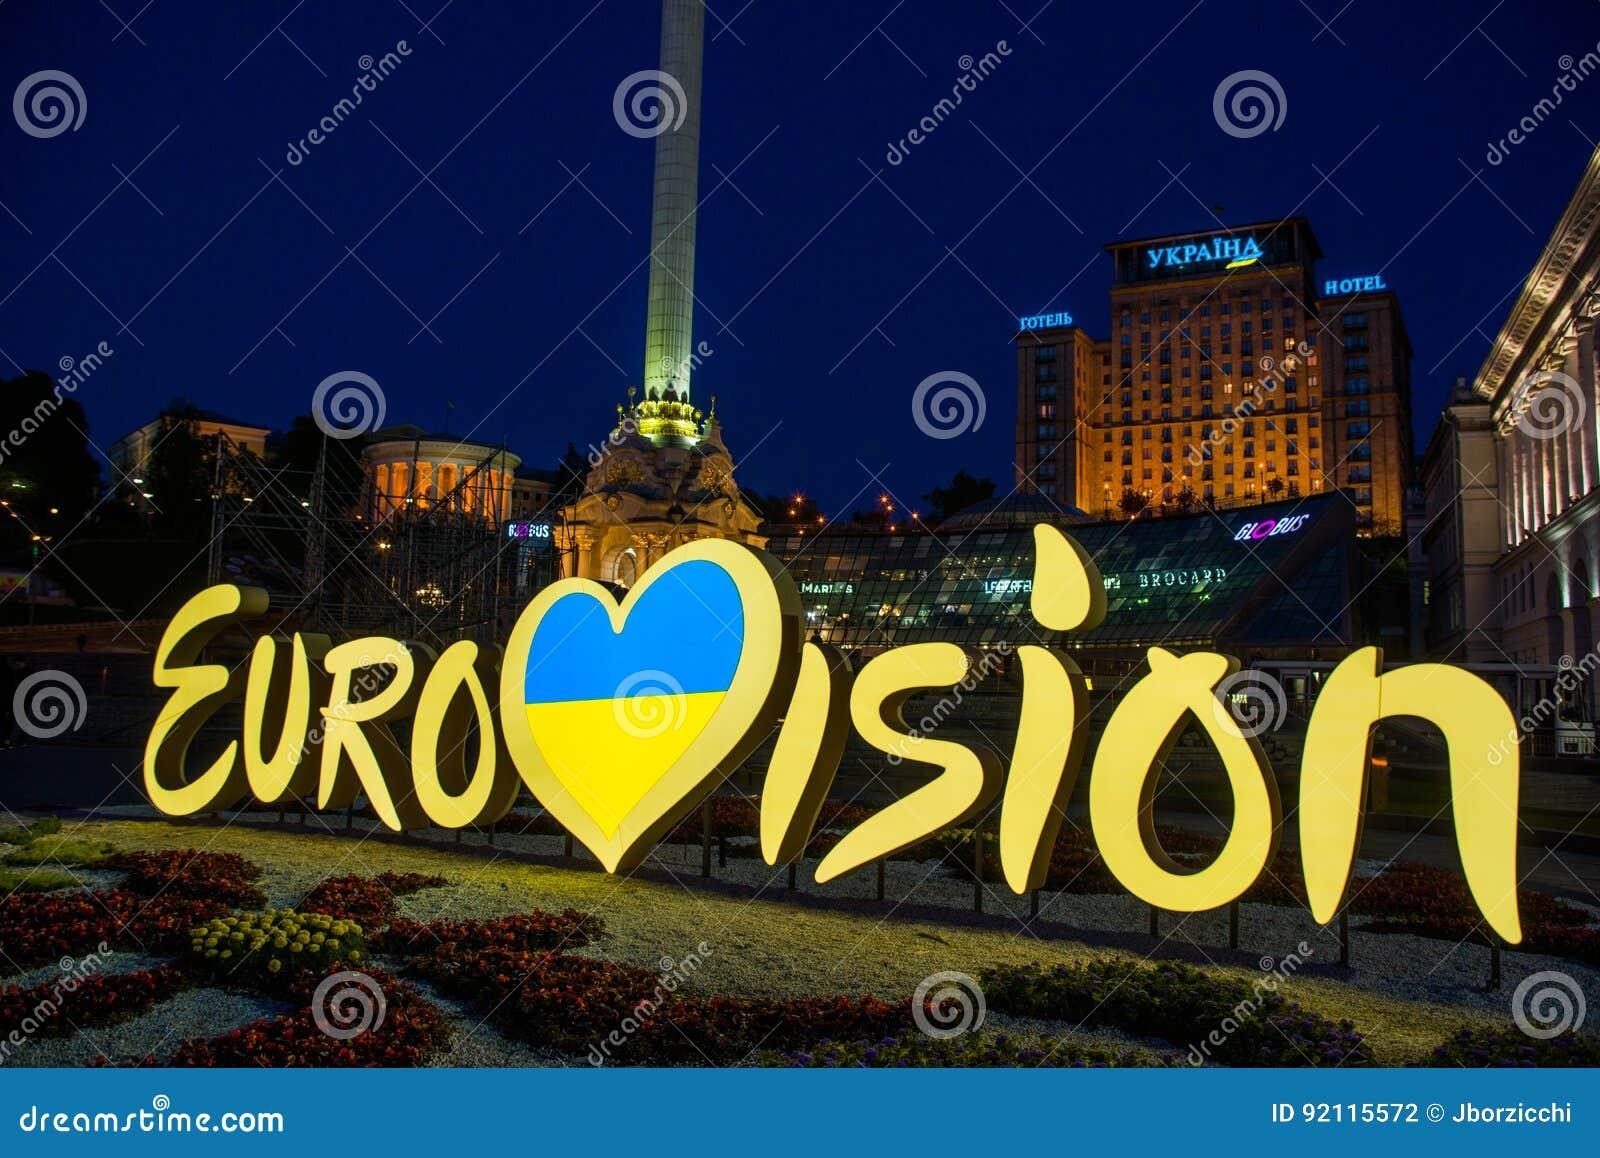 Eurovision,Kiev,2017